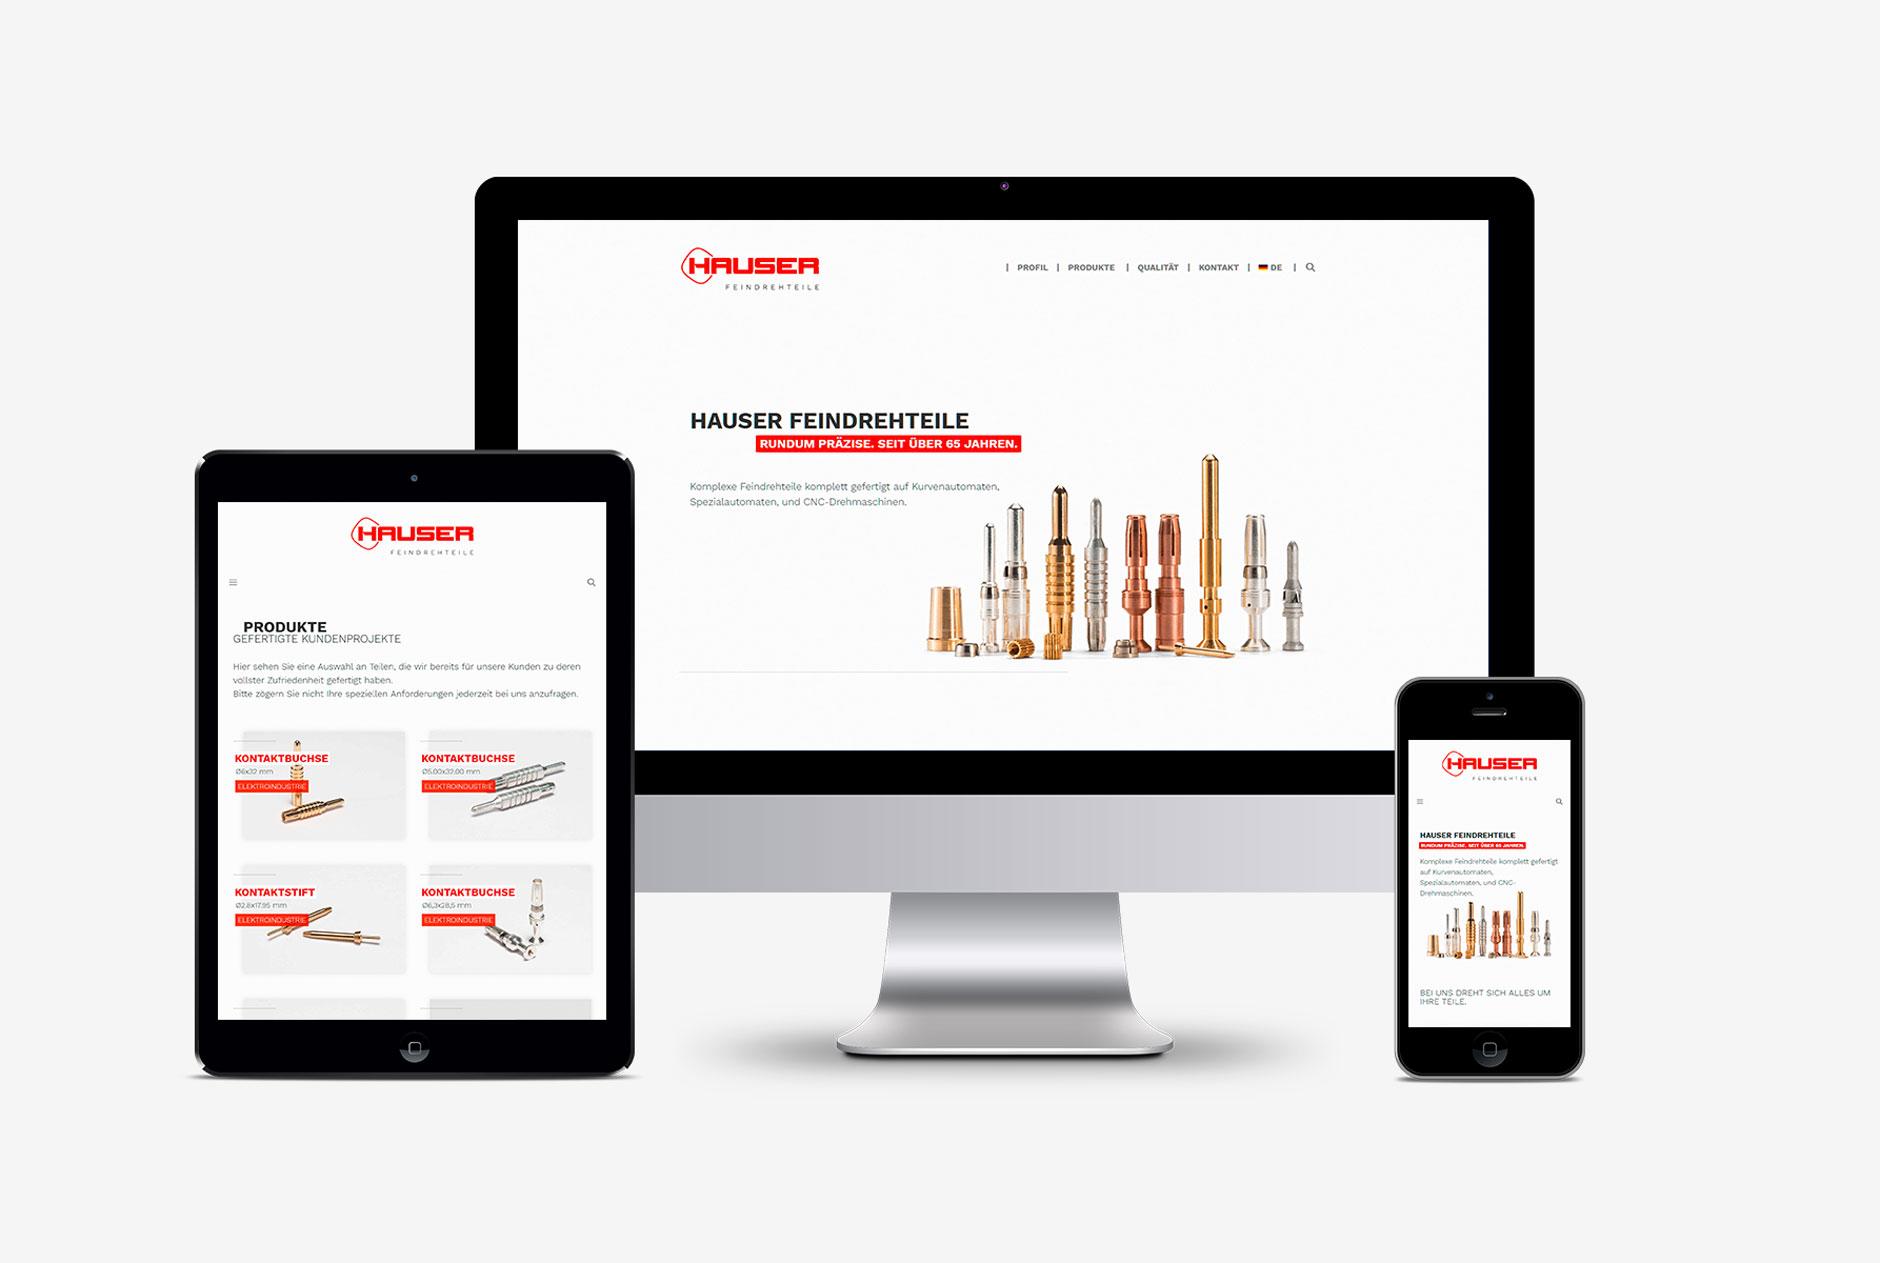 hauser feindrehteile tunigen webdesign wordpress-Webdesign Hauser Feindrehteile